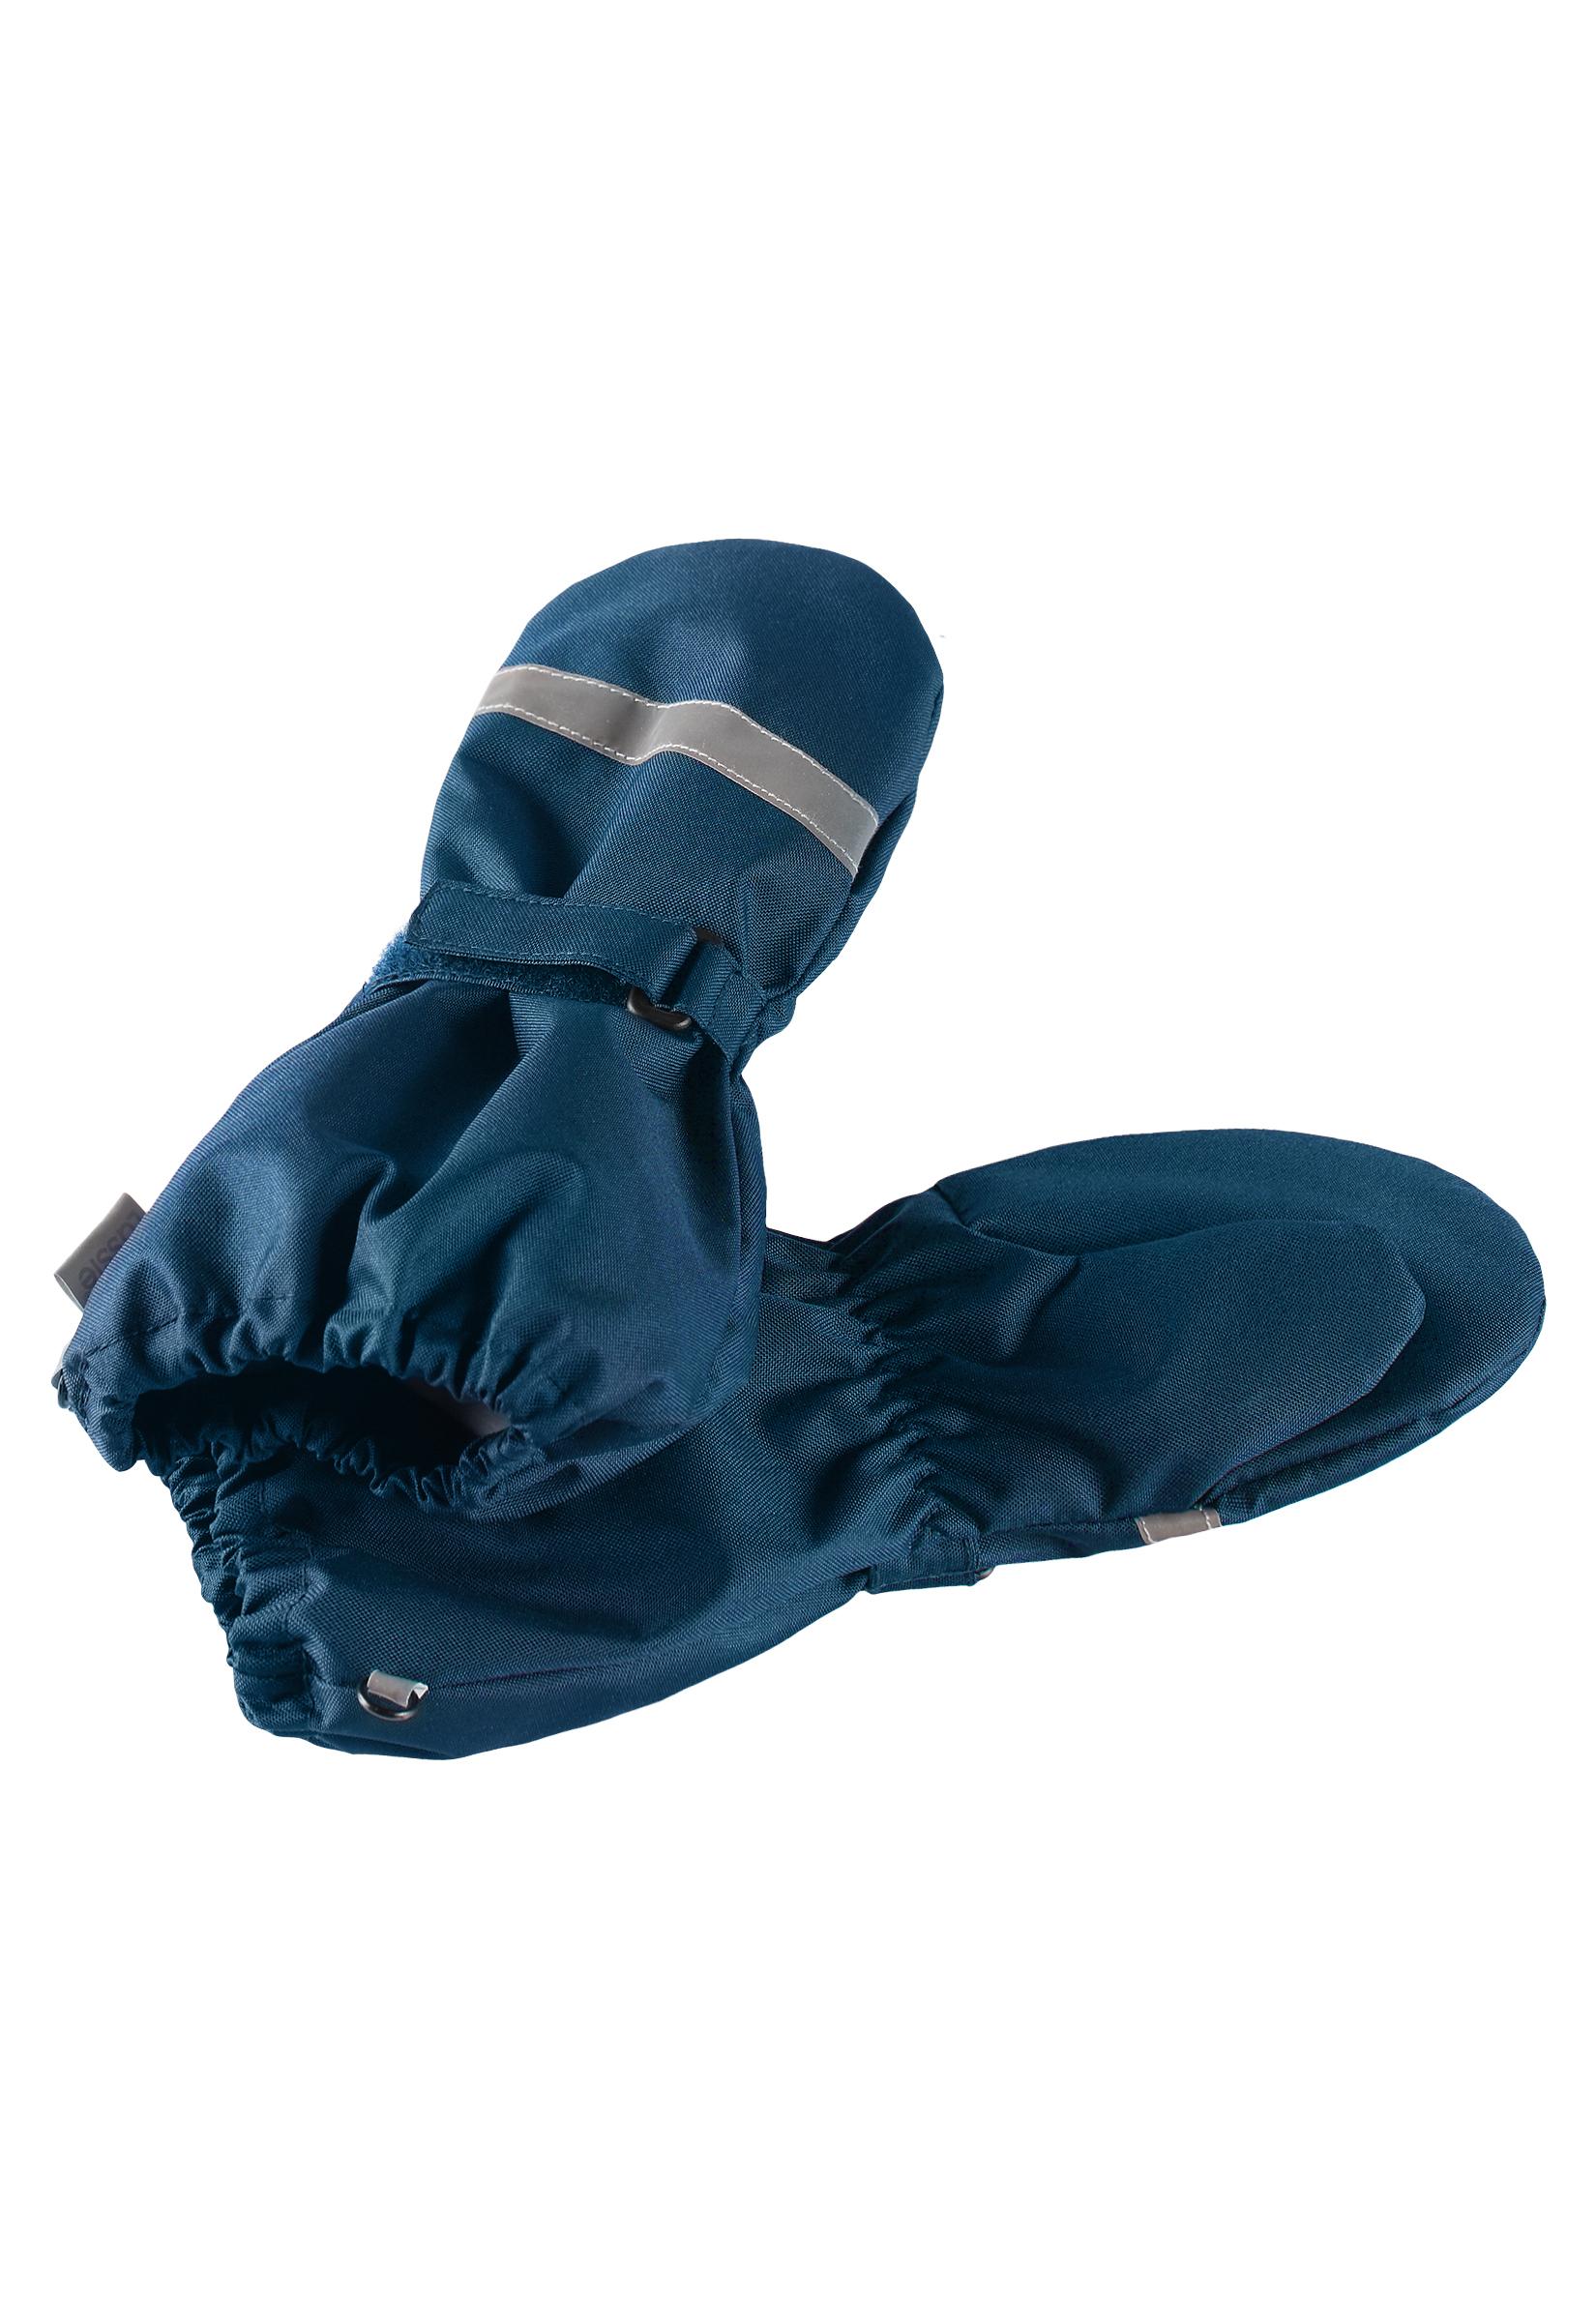 Купить со скидкой Варежки и перчатки Lassie 727717-6950-003004